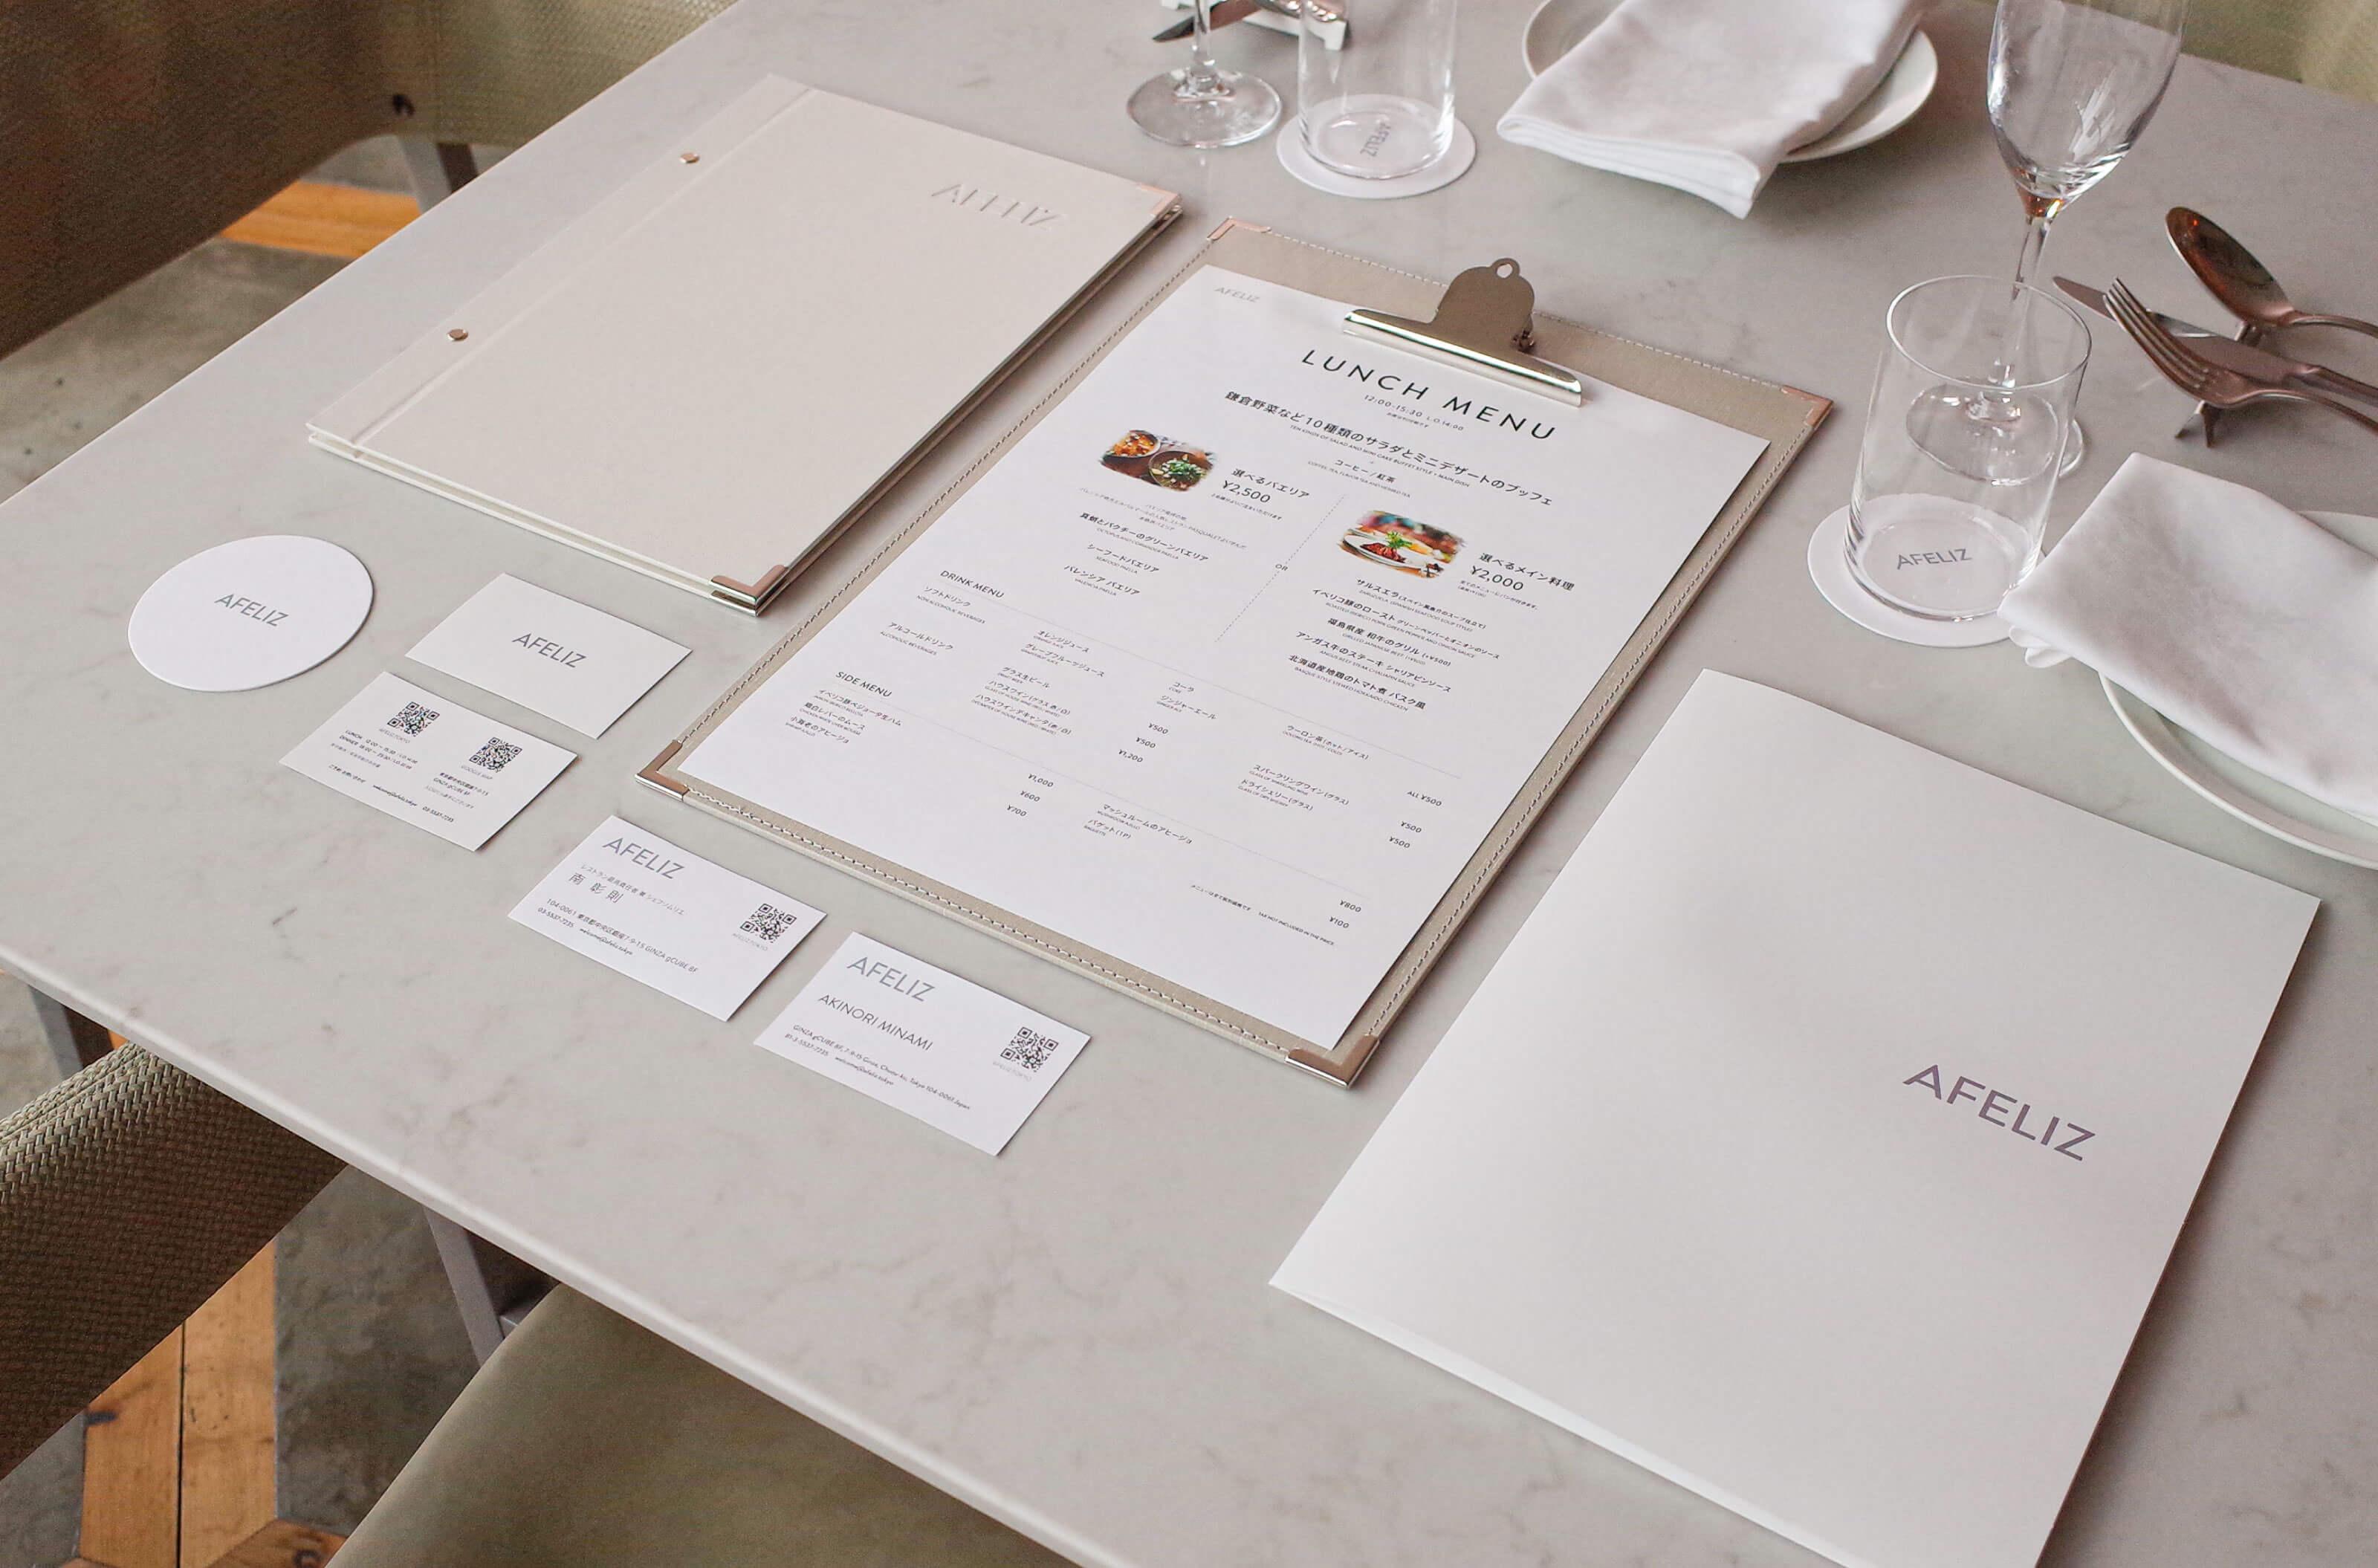 銀座 スペイン料理レストラン「AFELIZ」アートディレクション